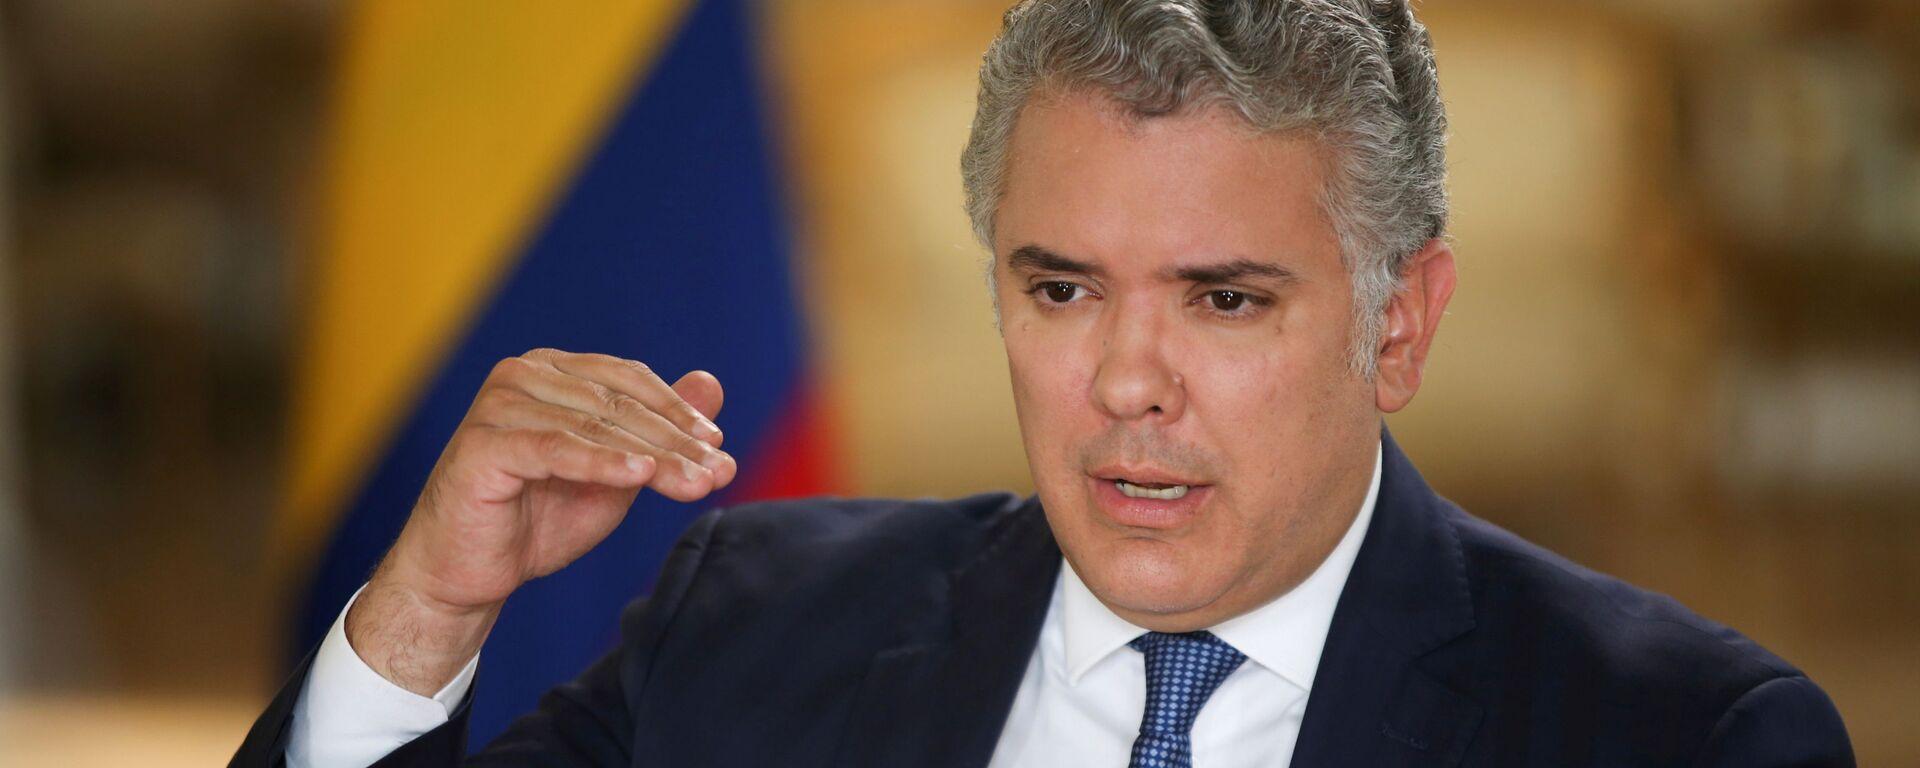 Iván Duque, presidente de Colombia - Sputnik Mundo, 1920, 25.08.2021